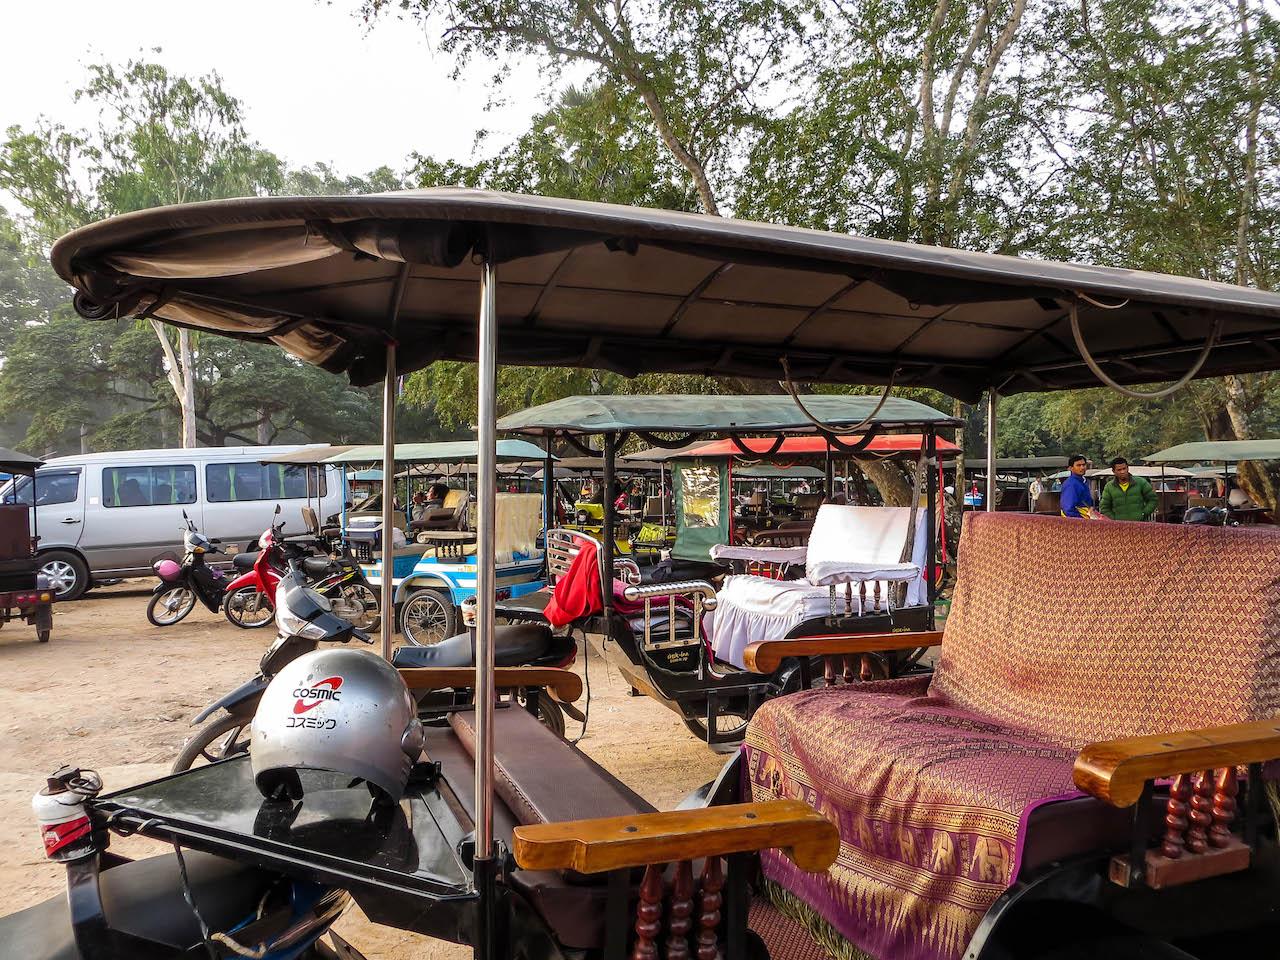 Mit dem Tuk Tuk durch die Tempelanlangen von Angkor Wat.